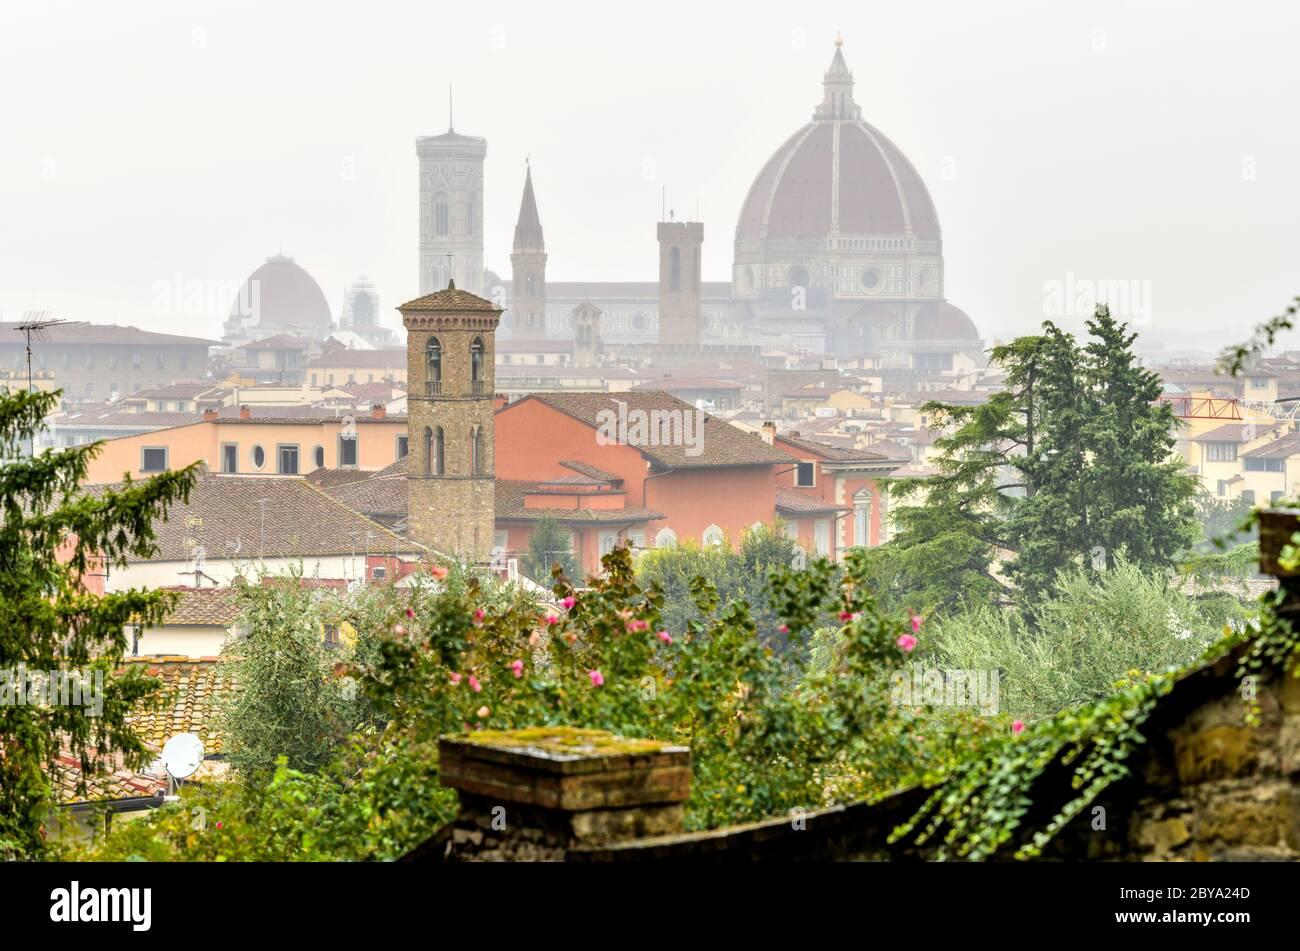 Firenze sotto la pioggia - una vista di un giorno in autunno piovoso e foggoso dello skyline della Cattedrale di Firenze nel centro storico di Firenze. Toscana, Italia. Foto Stock